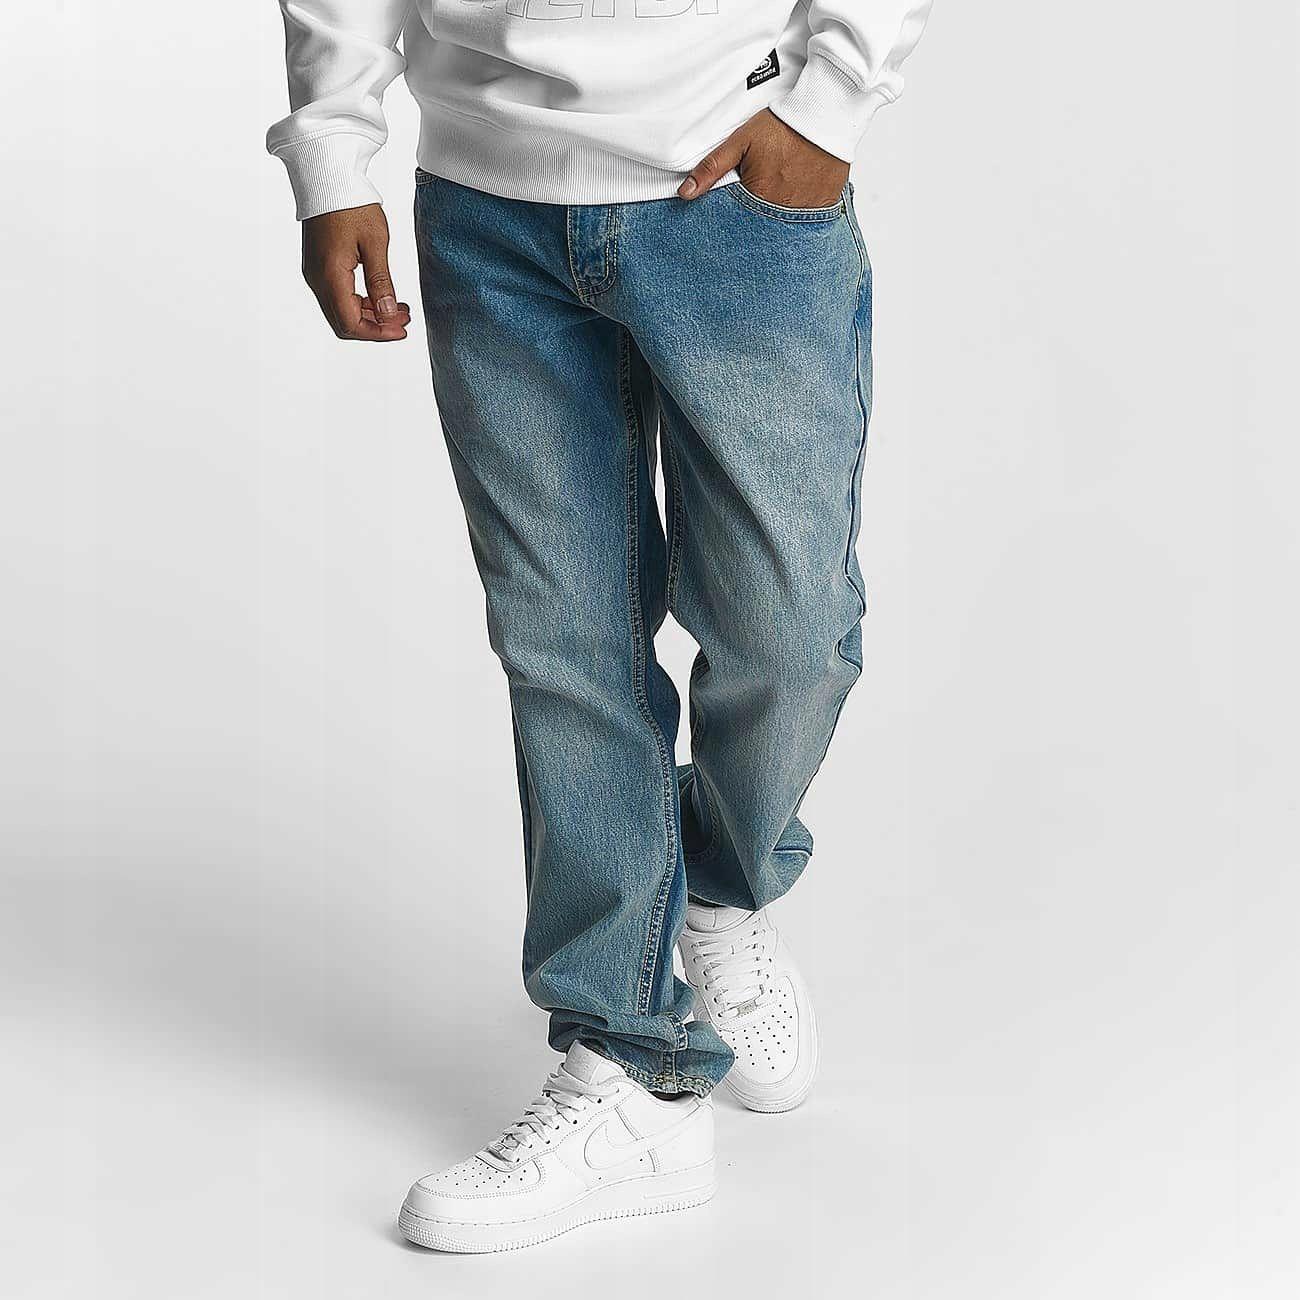 Spodnie Ecko St Fit Jeans Gordon W 30 L 32